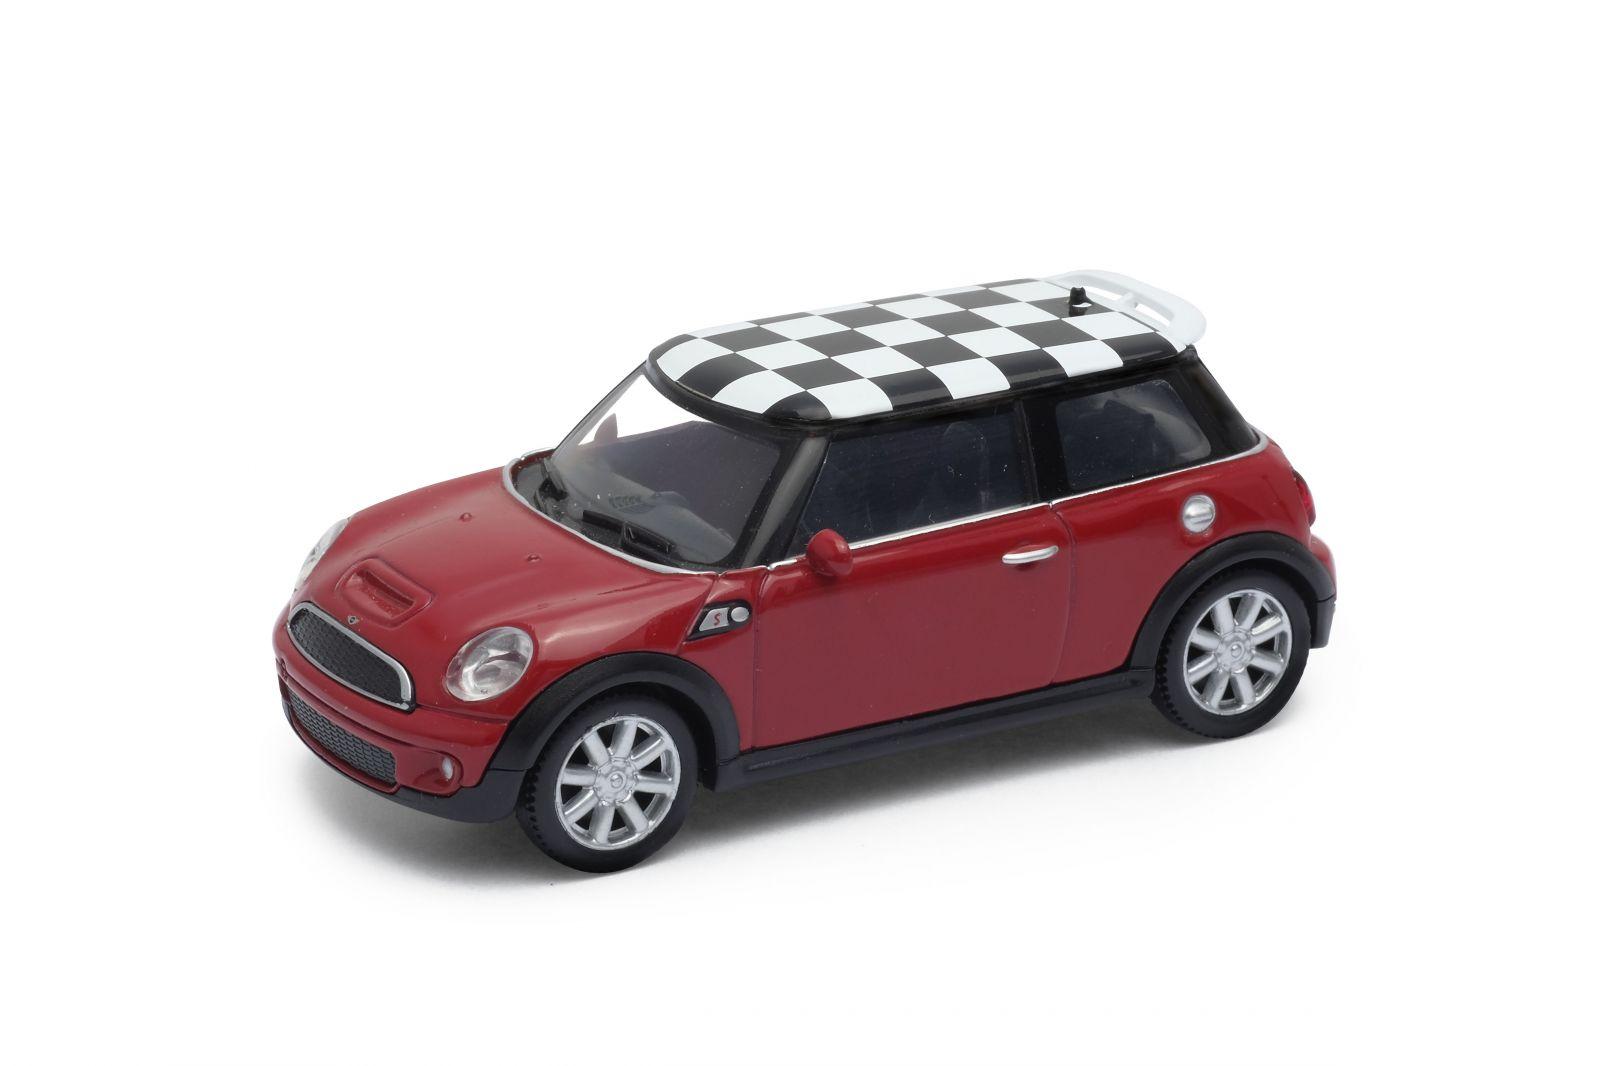 Dřevěné hračky Welly - Mini Cooper S (šachovnice) model 1:43 červený